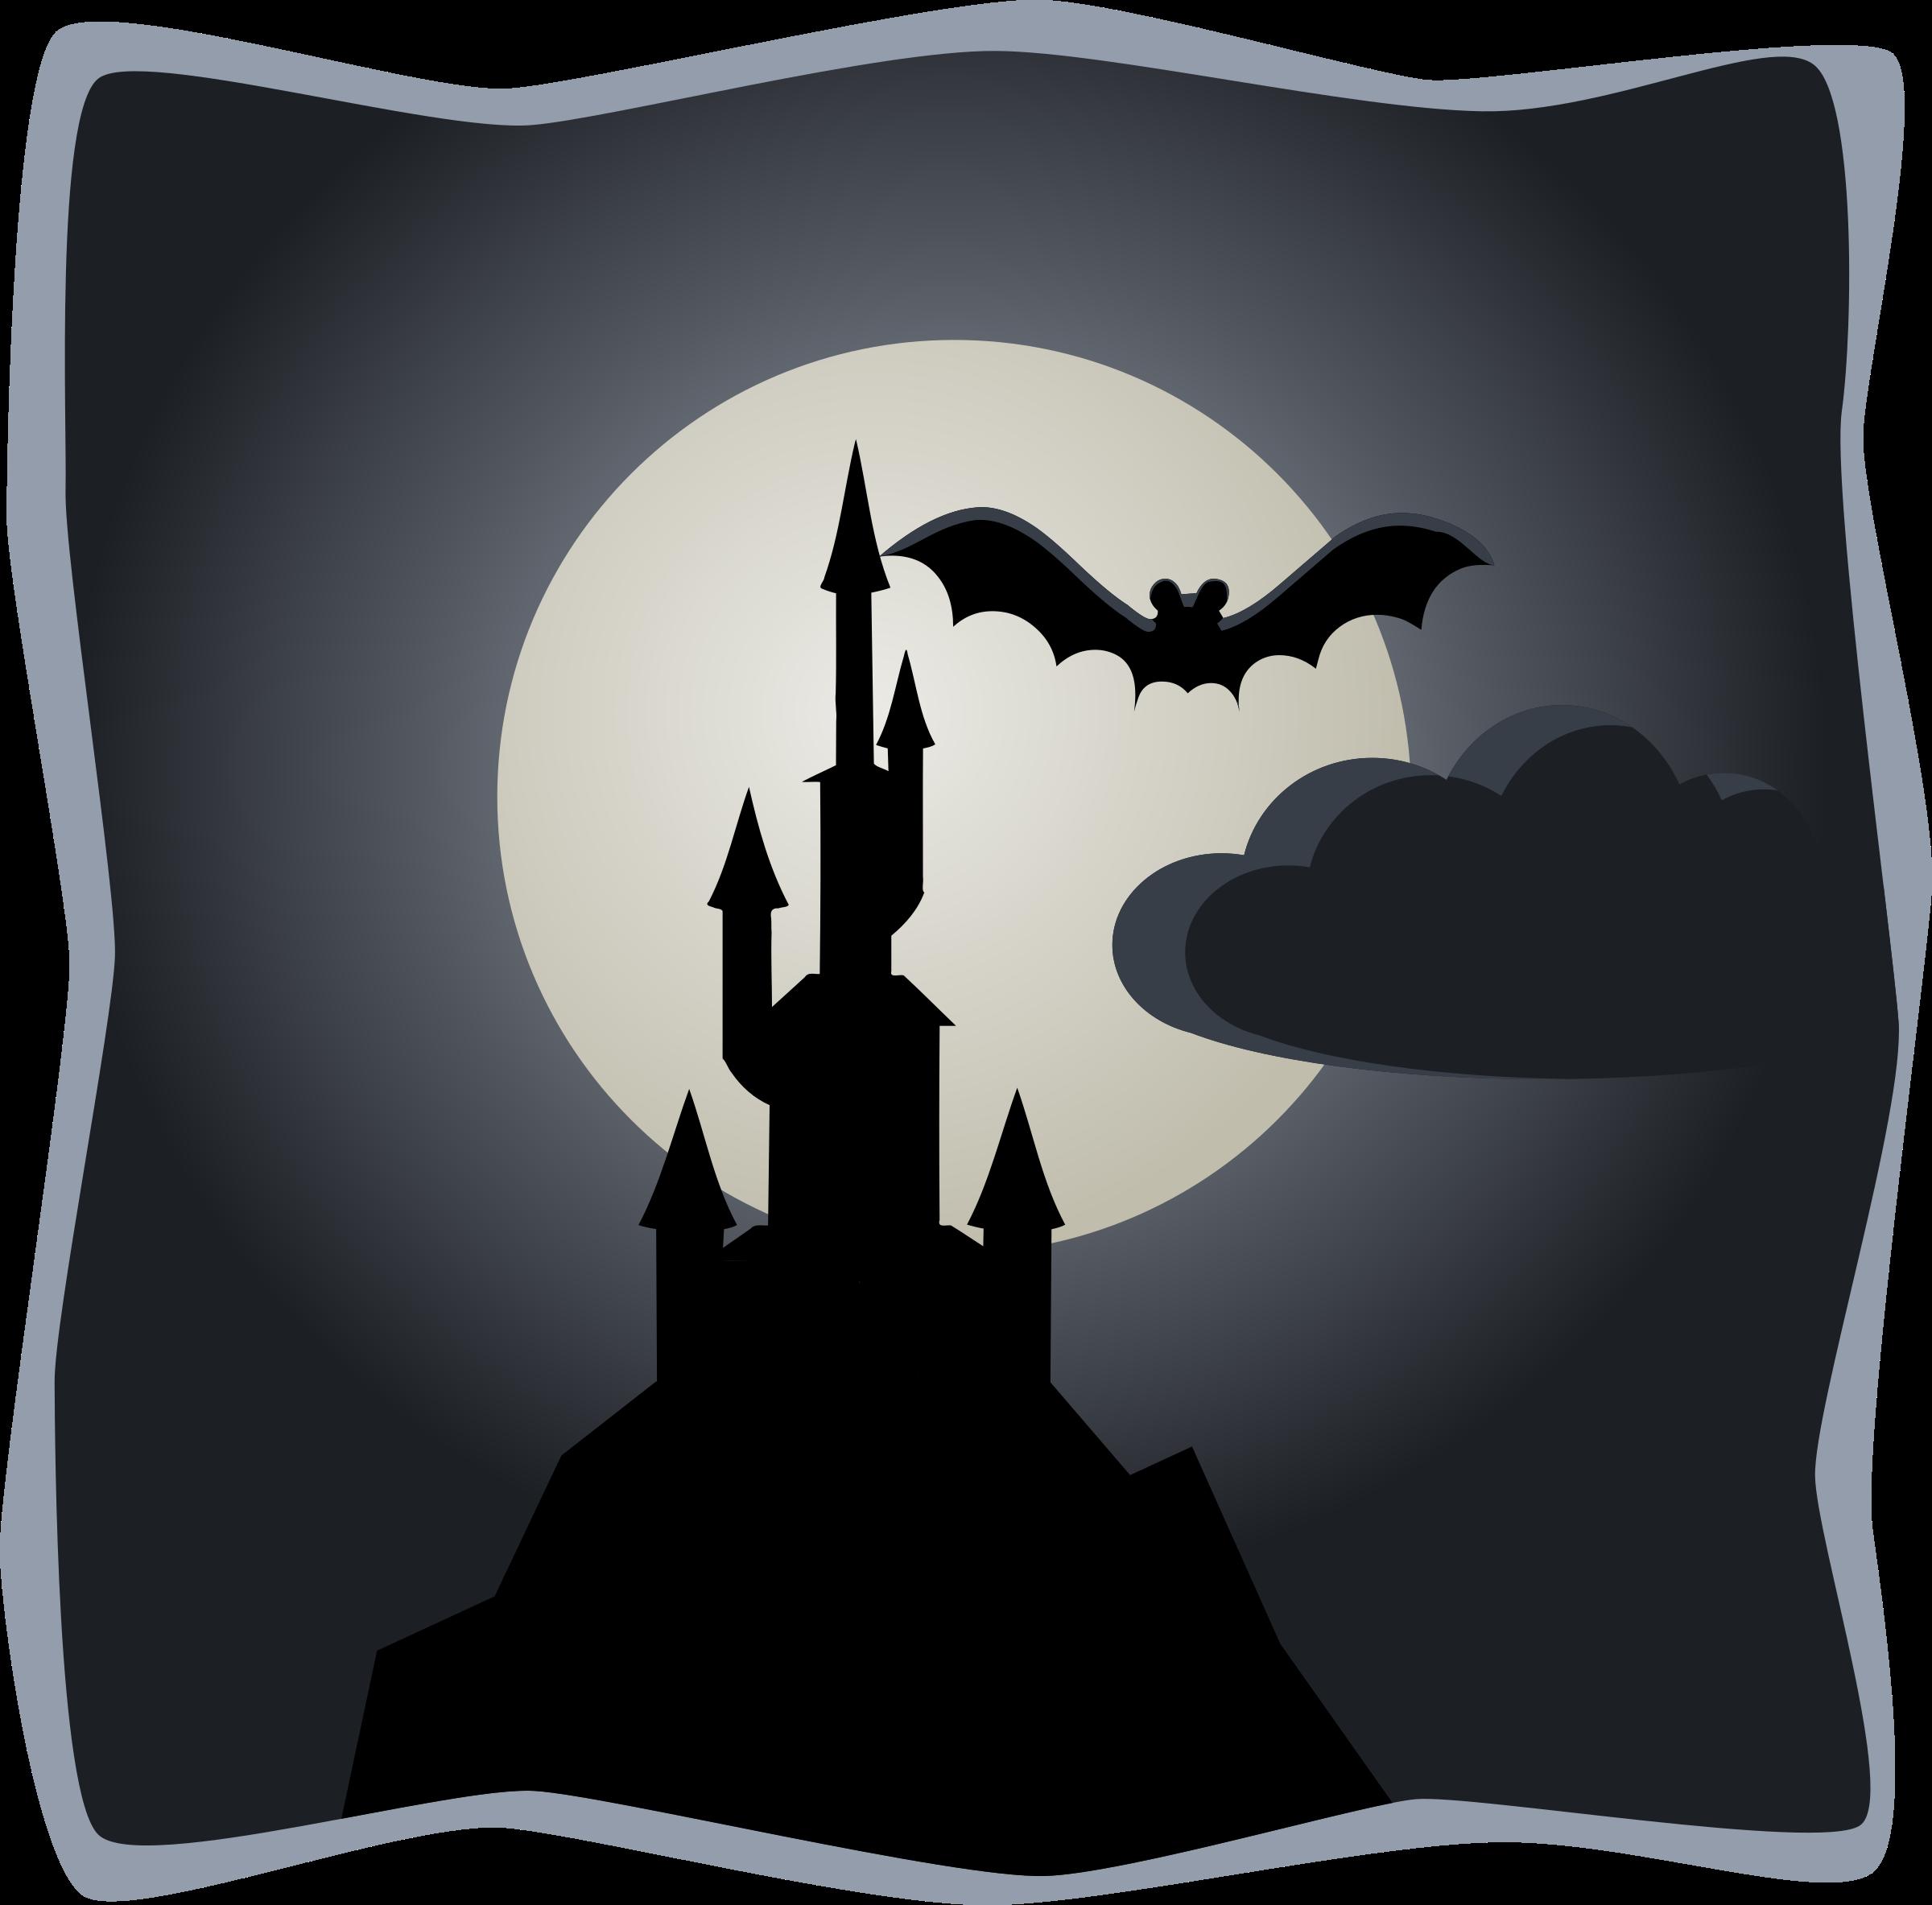 Spooky in full moon. Clipart castle scenery